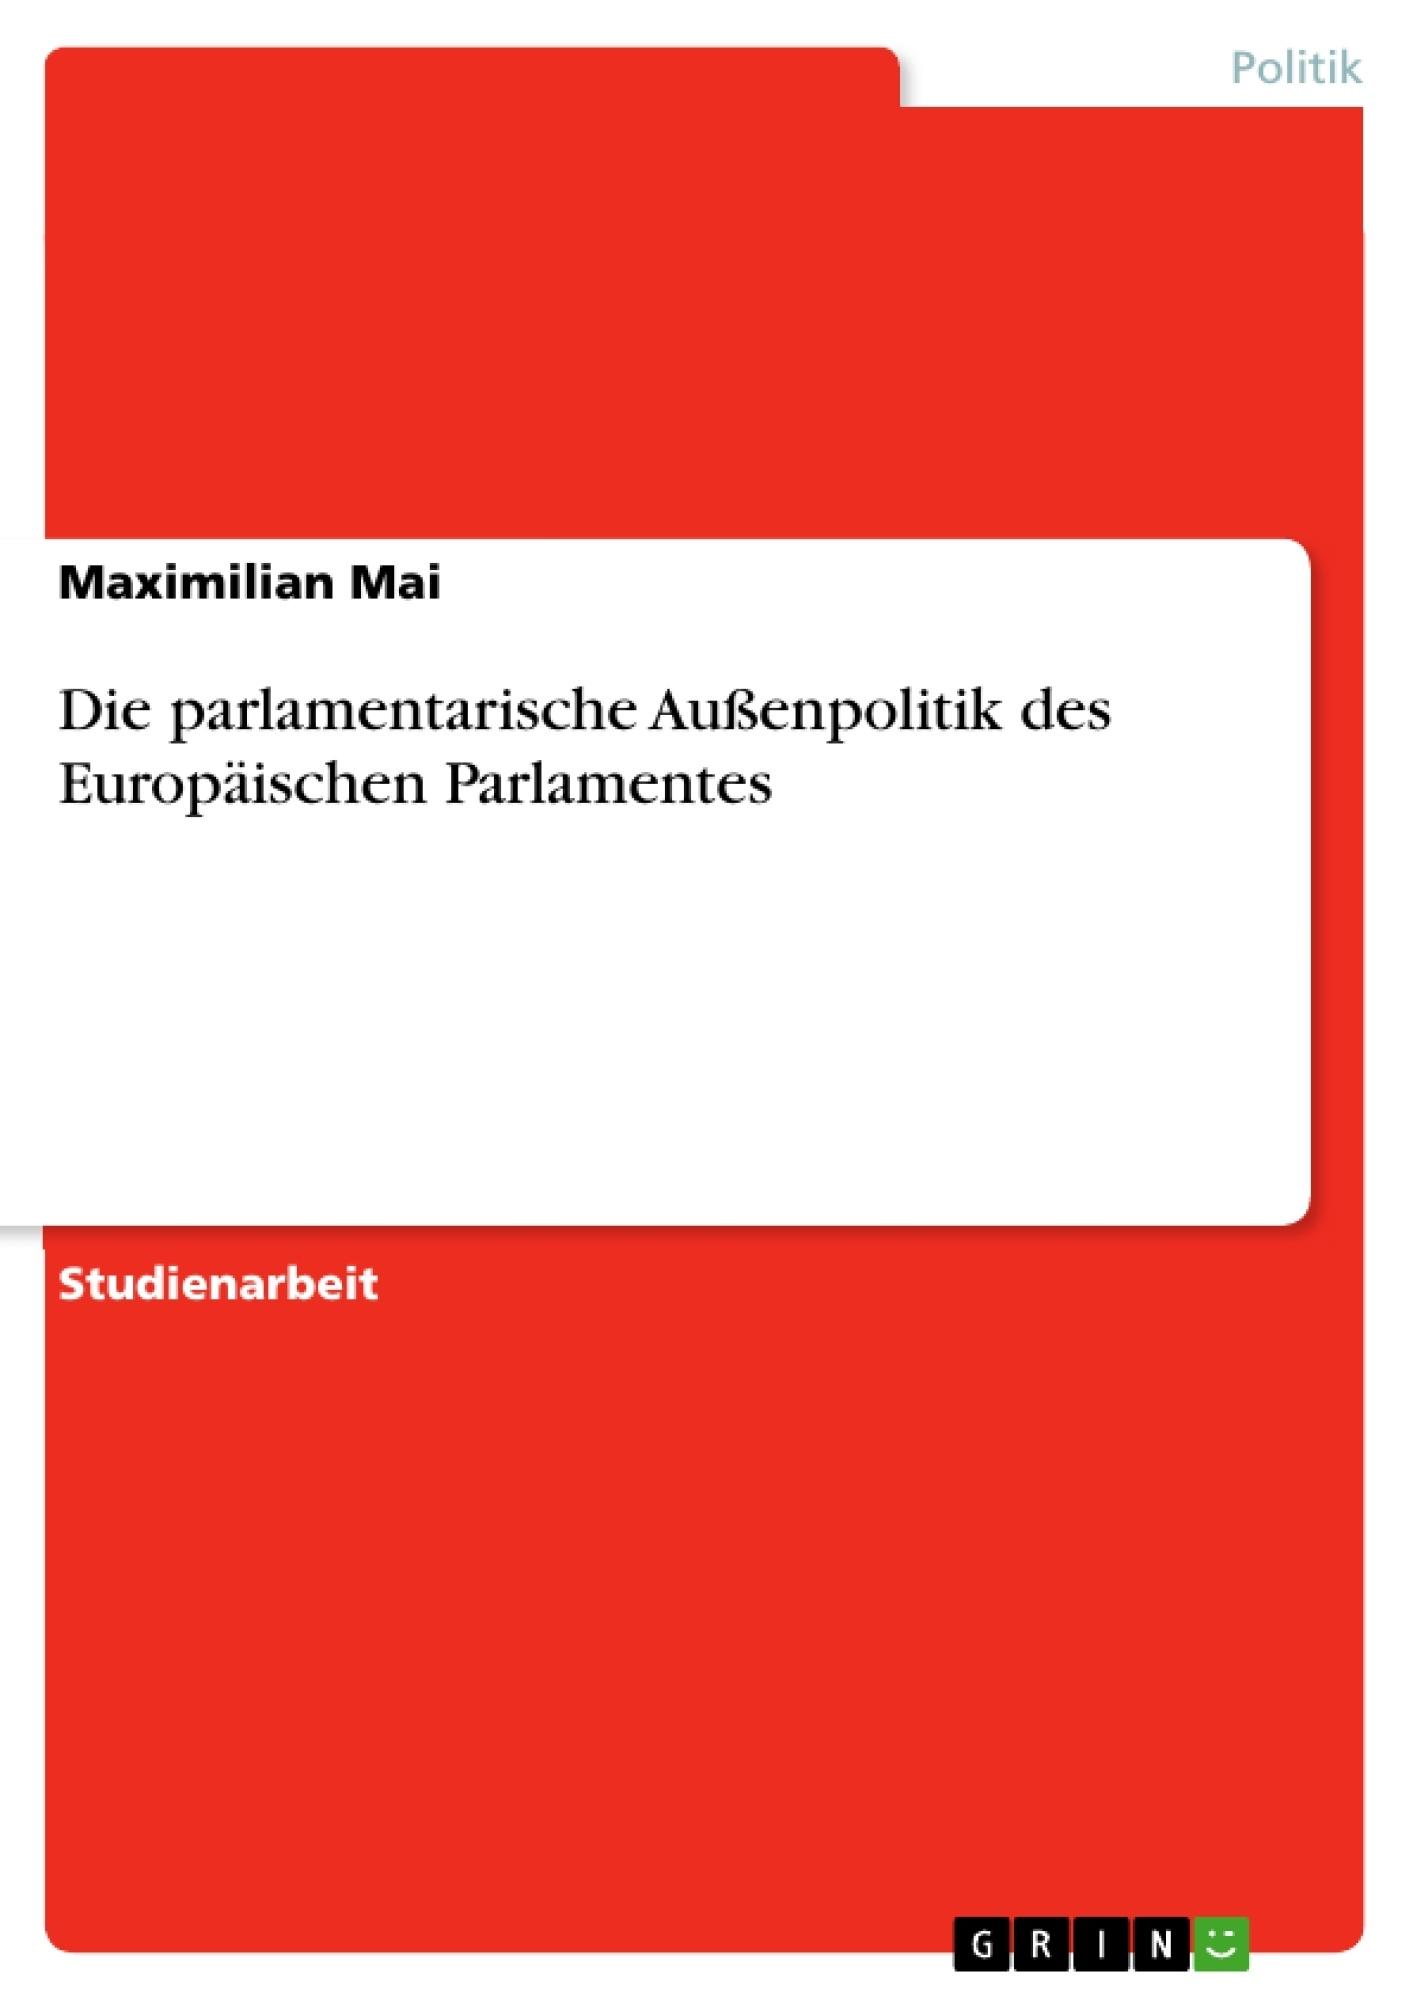 Titel: Die parlamentarische Außenpolitik des Europäischen Parlamentes